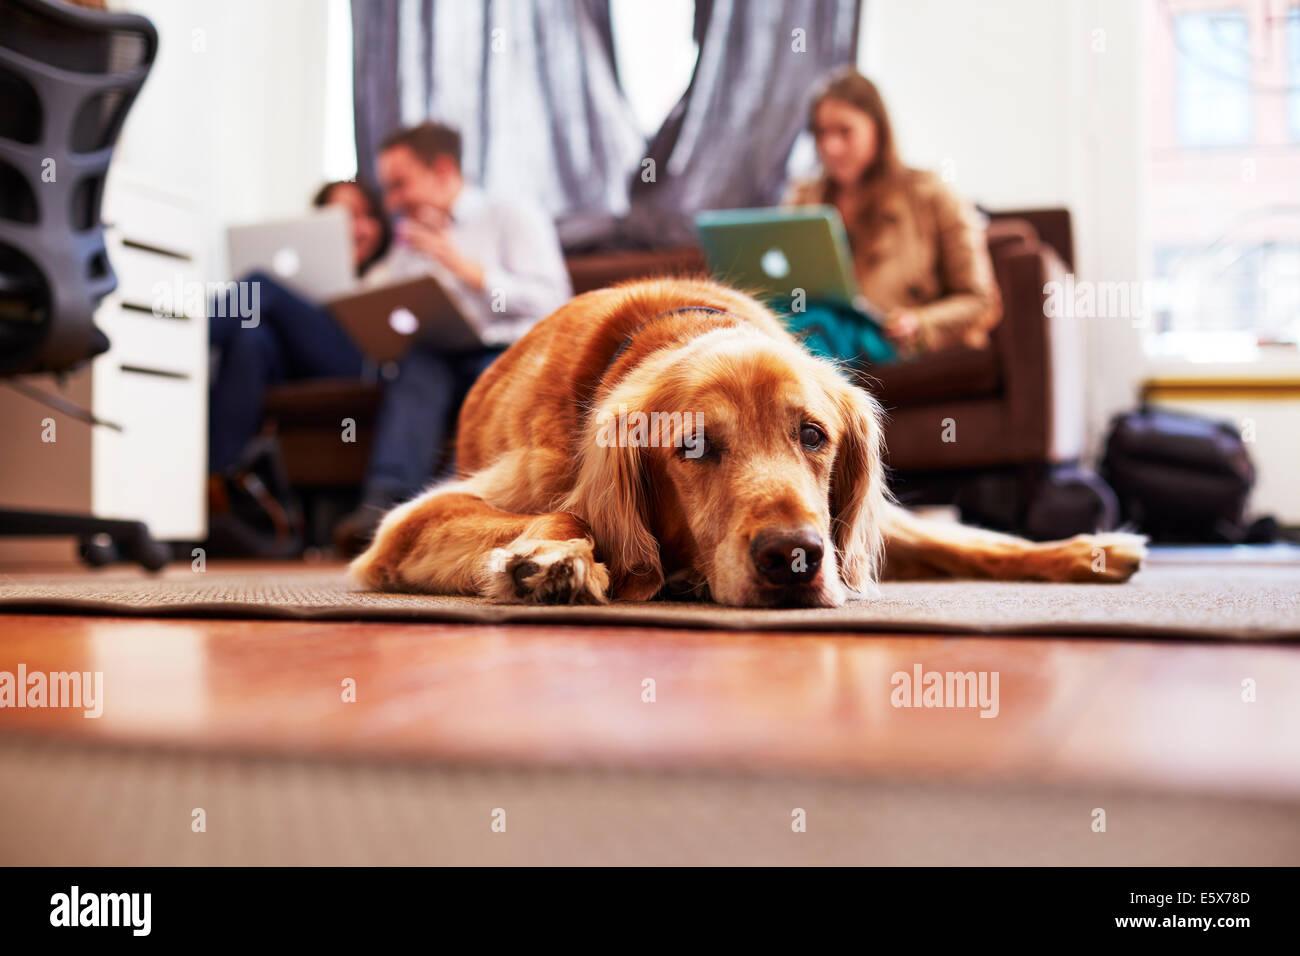 Retrato de aburrido perro acostado sobre una alfombra, personas con portátiles en segundo plano. Imagen De Stock